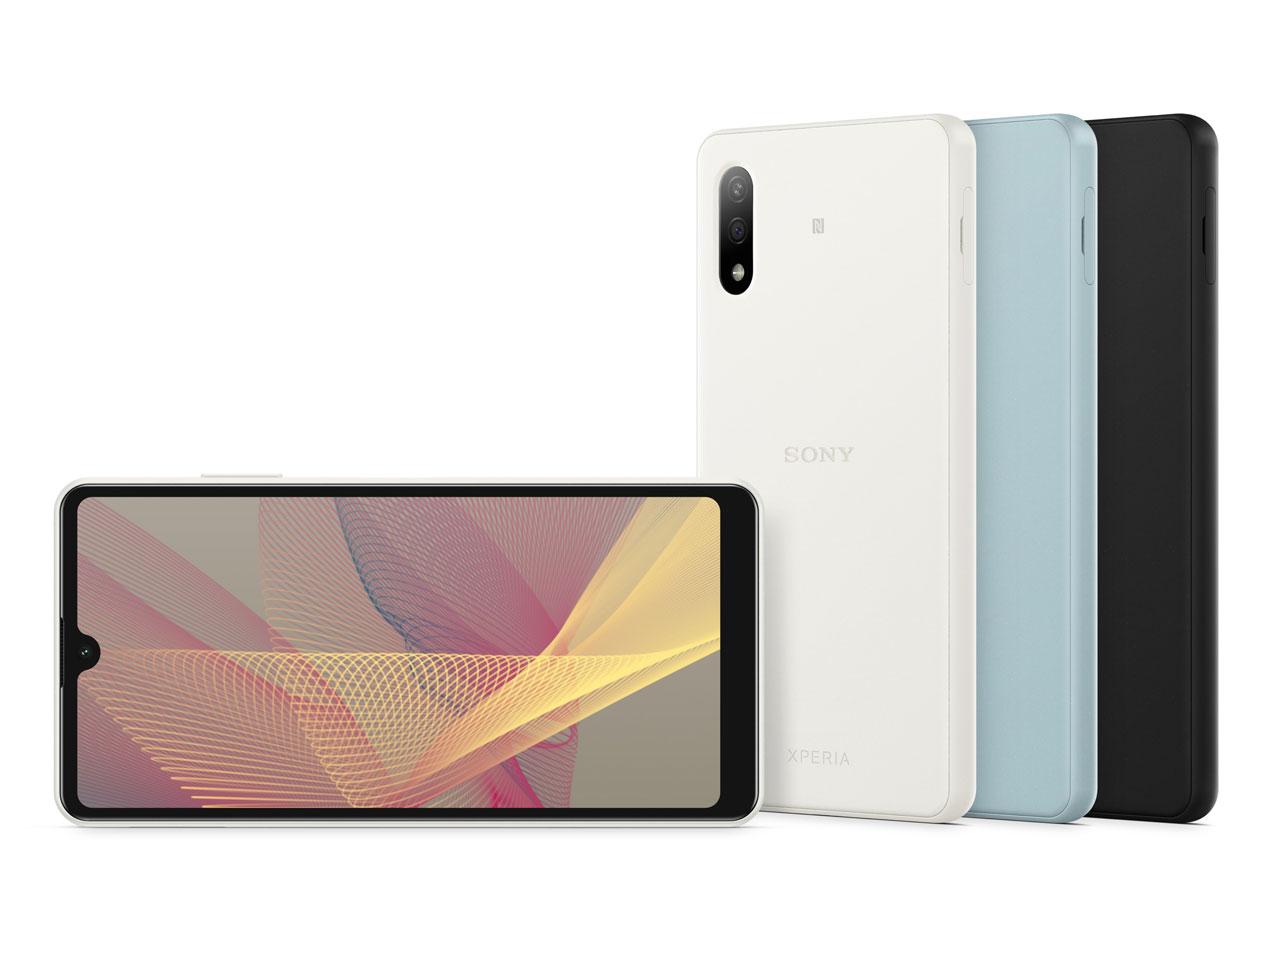 SONY Xperia Ace II 製品画像